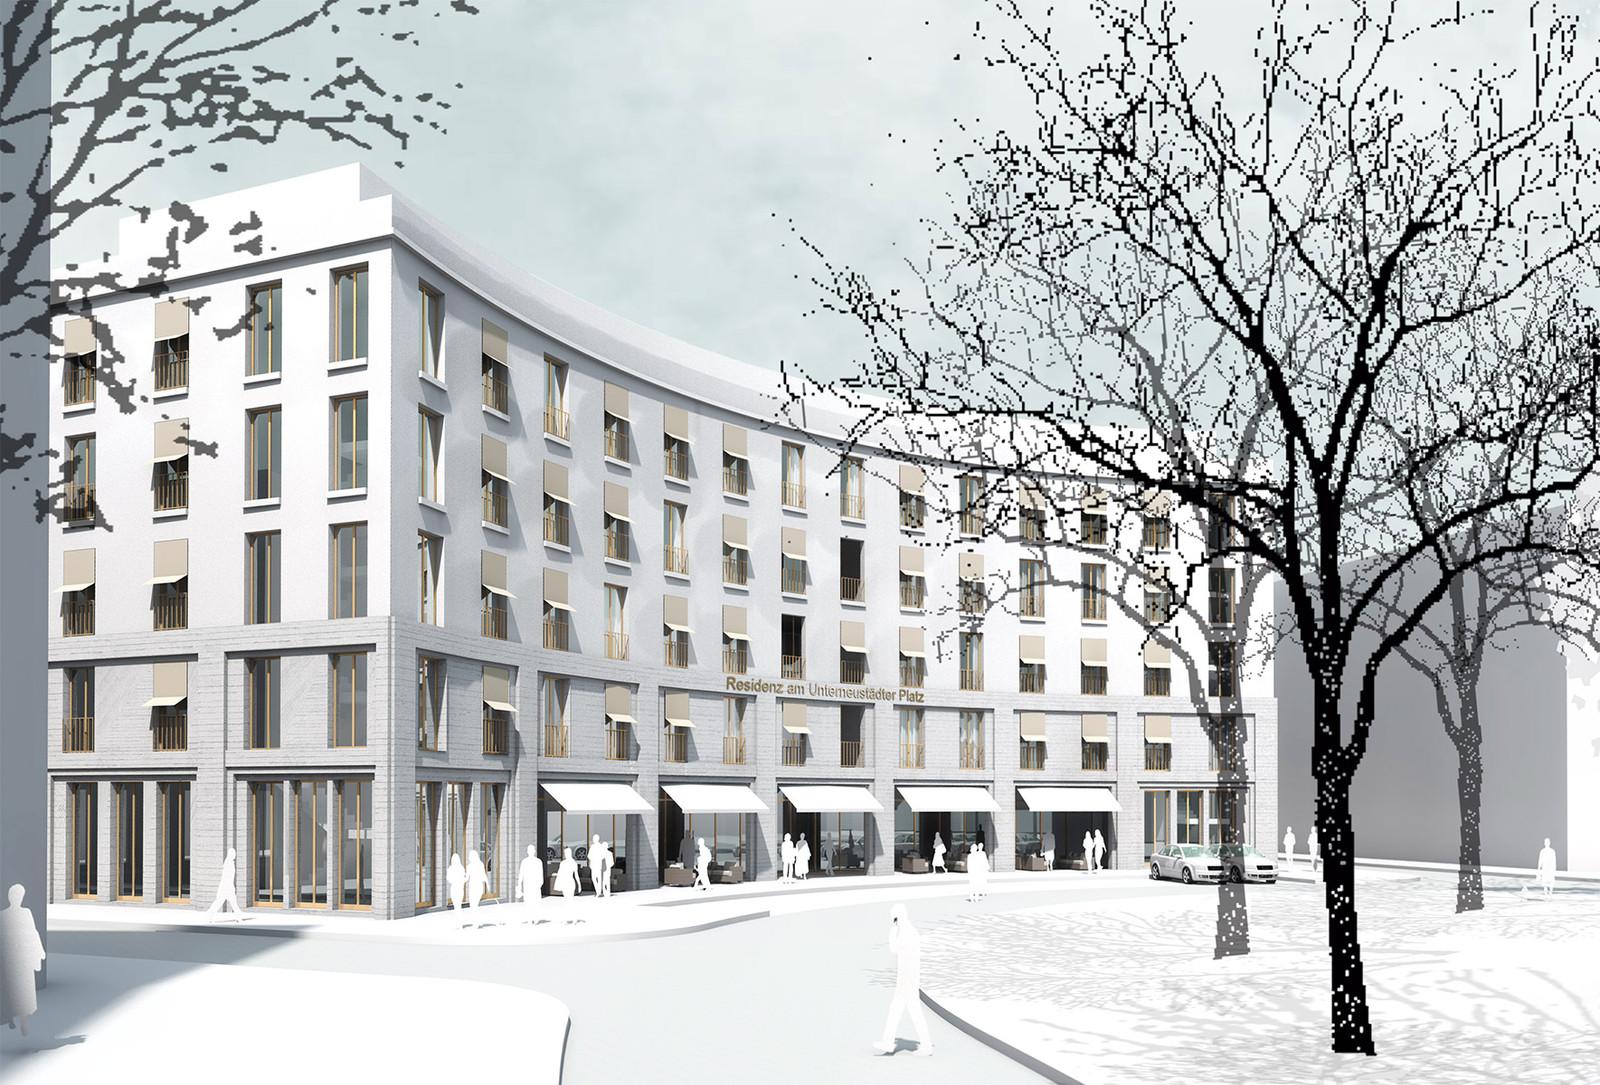 Dreibund architekten bochum 159 altenheim kassel - Dreibund architekten ...